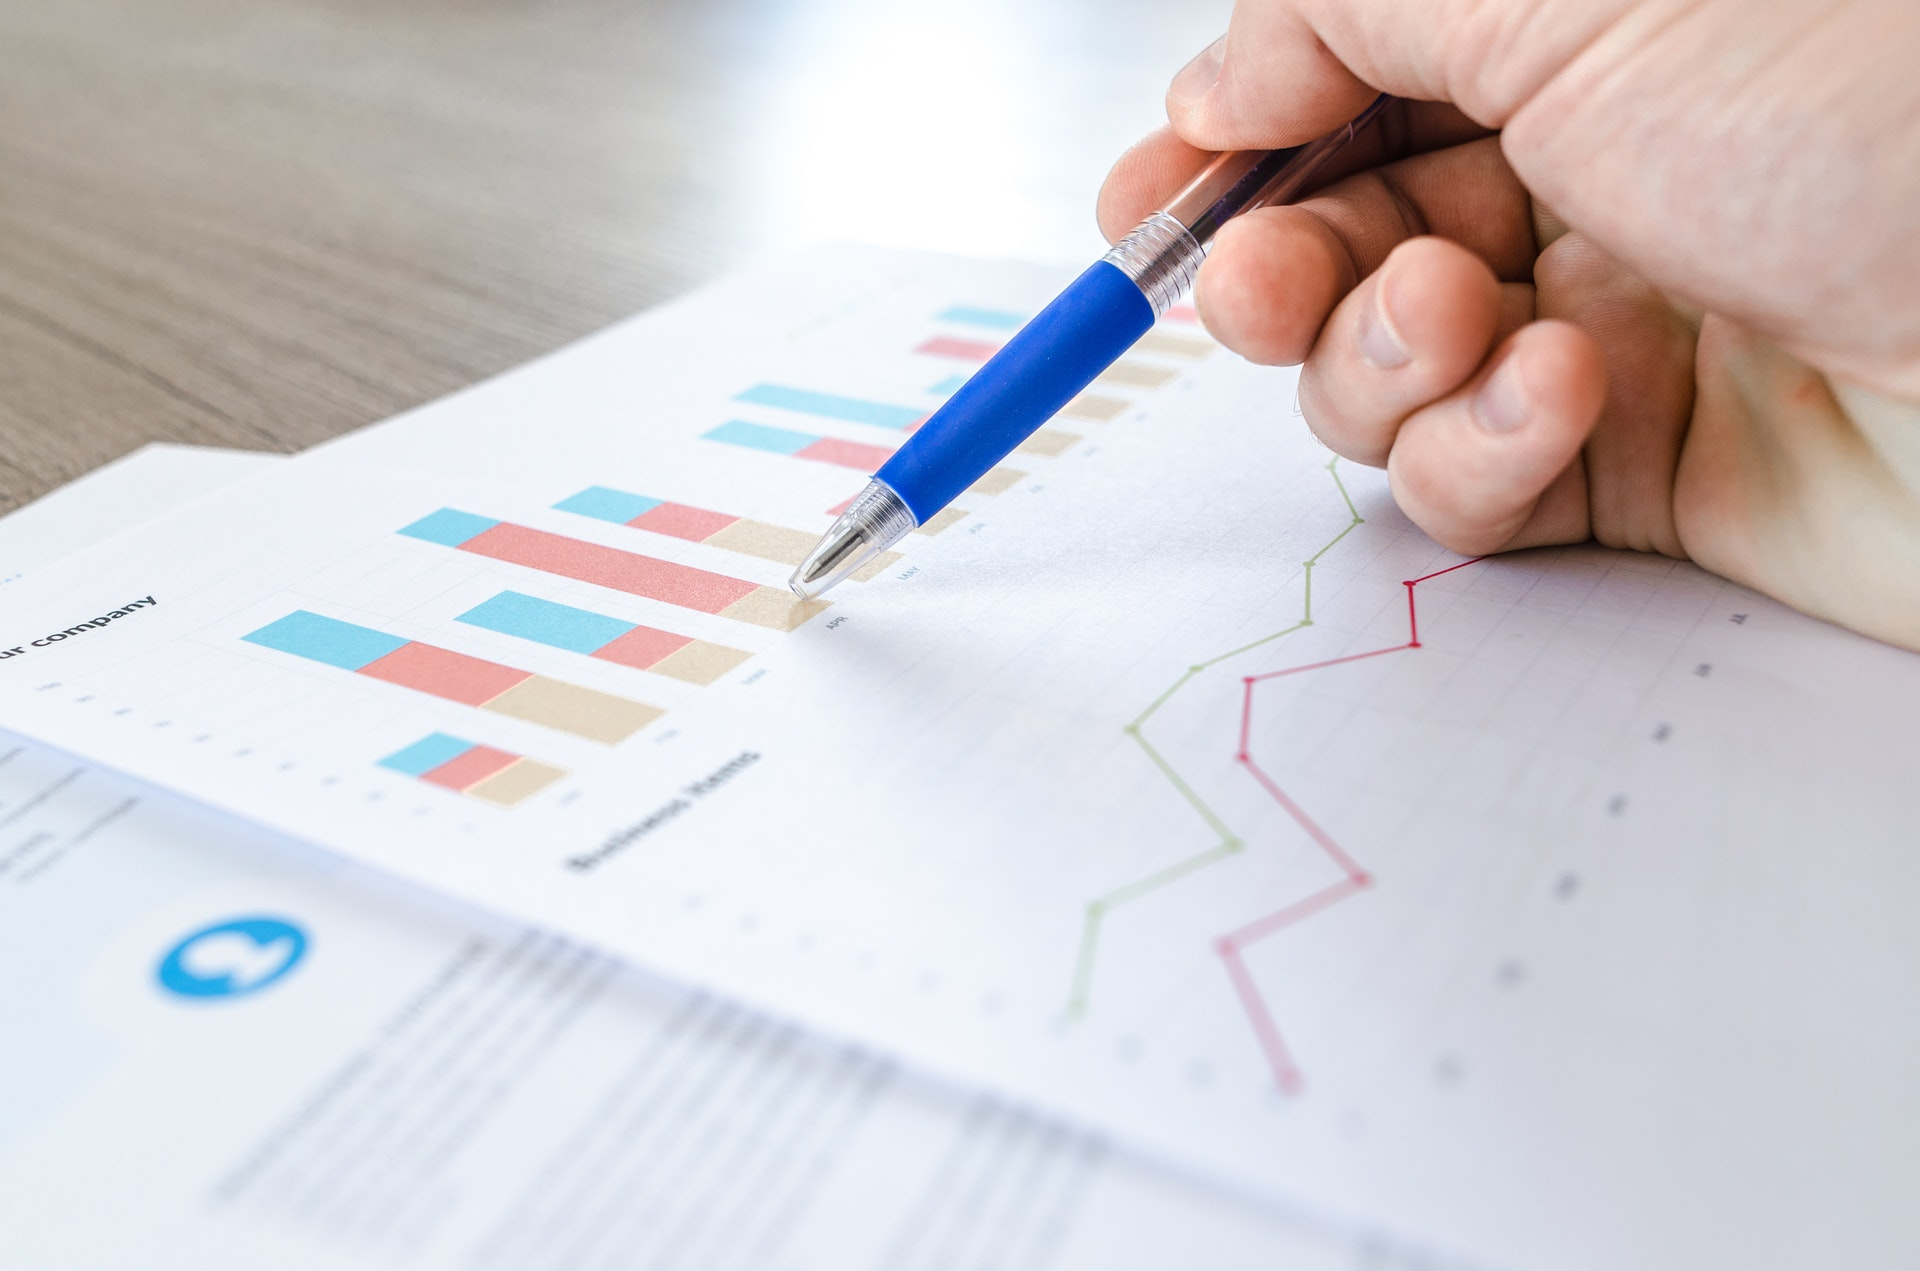 Preparación para la certificacion Project Managment professional